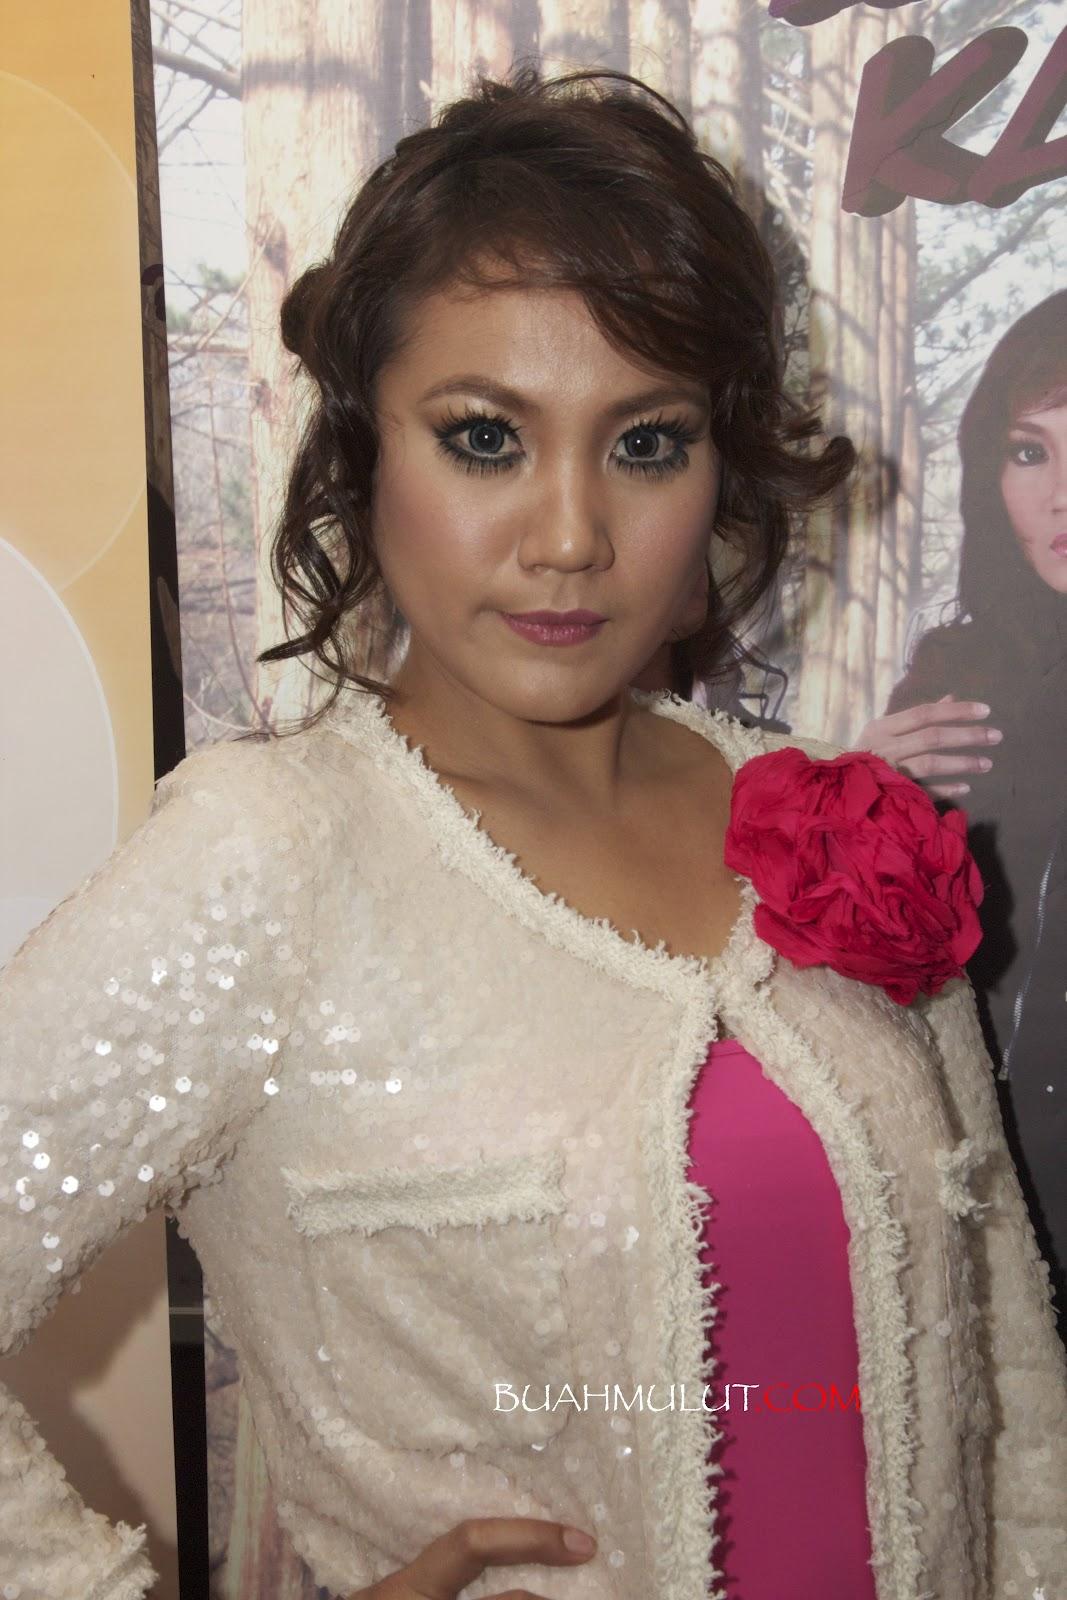 Yana Samsudin & Shaheizy Sam - Aku Ada Kau Ada